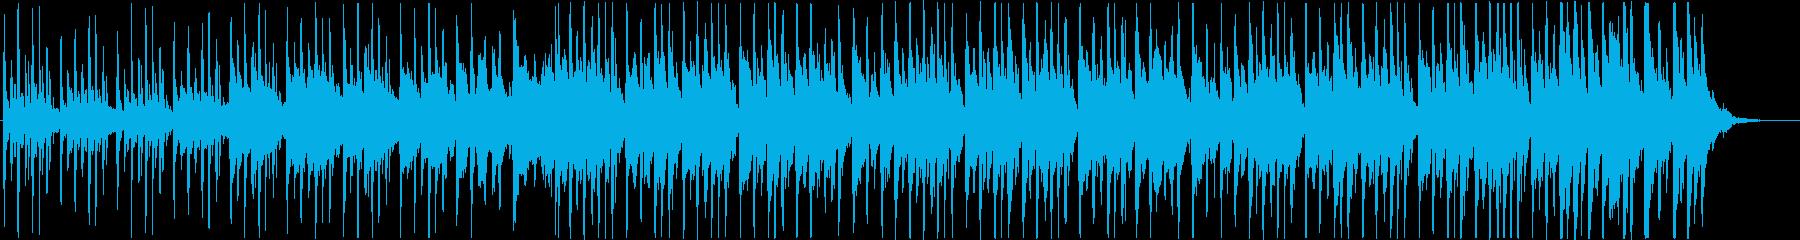 ギターのハーモニクス、グロッケンシ...の再生済みの波形